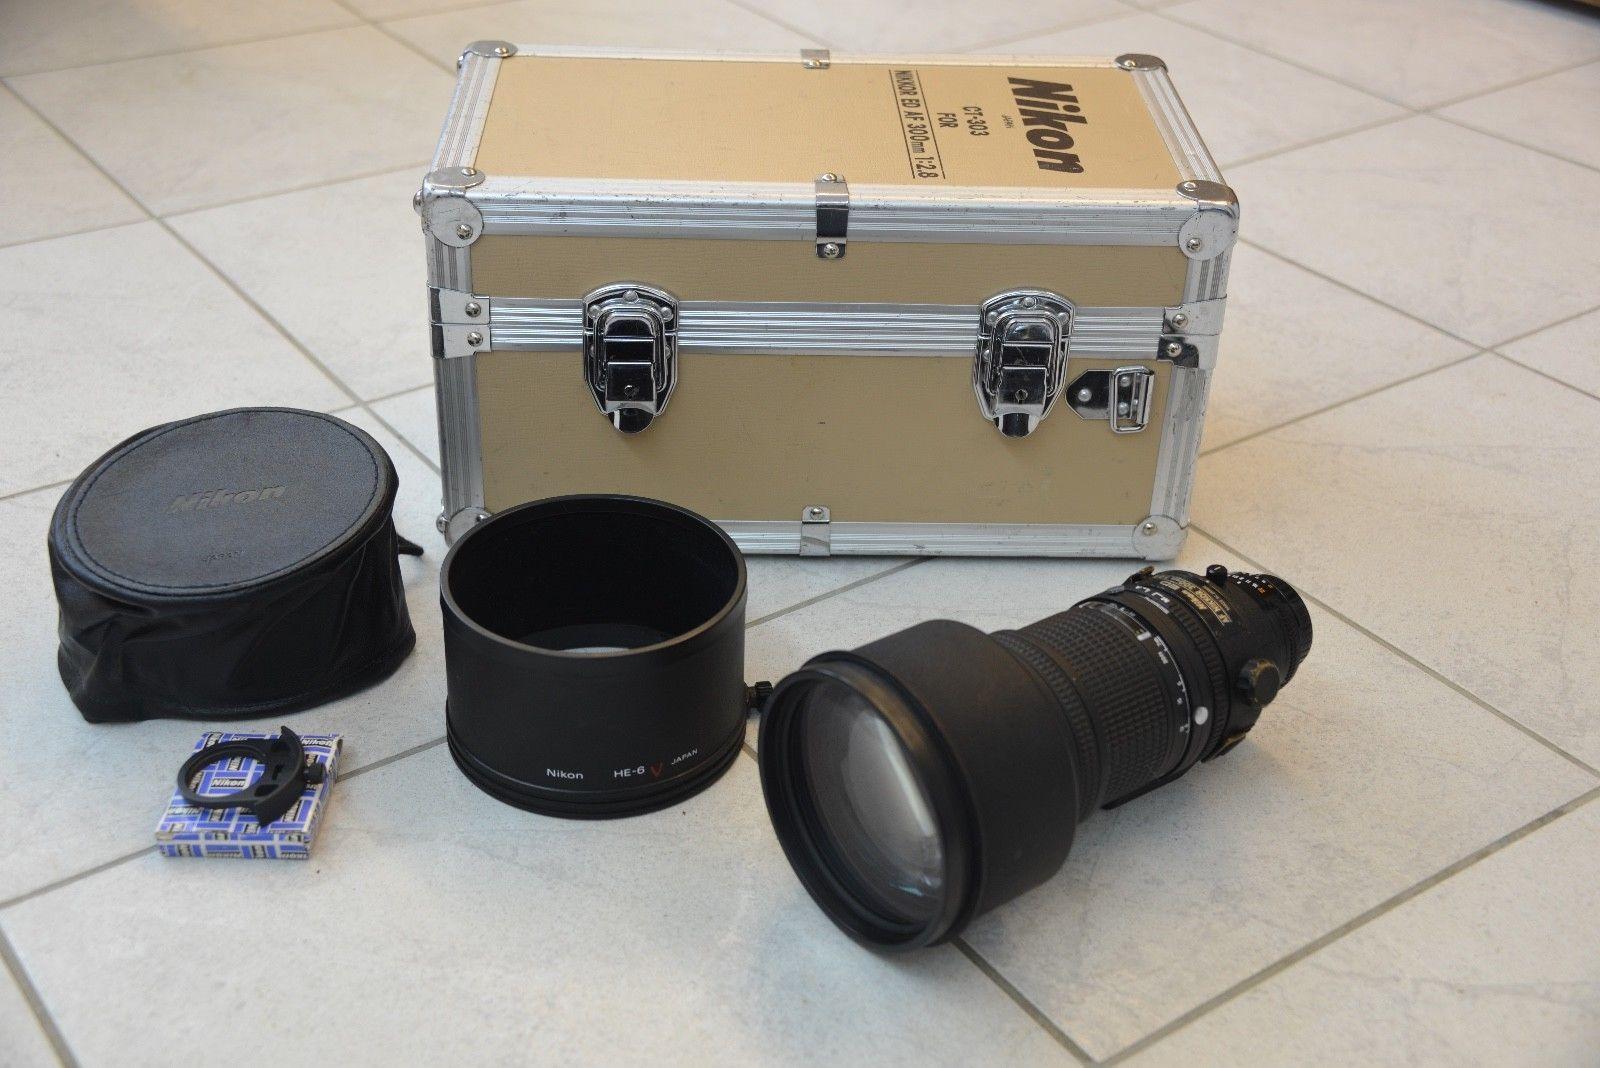 Nikon Af Nikkor 300mm F 2 8 If Ed Lens Not Refurbished From Canada Refurbishing Nikon Lens